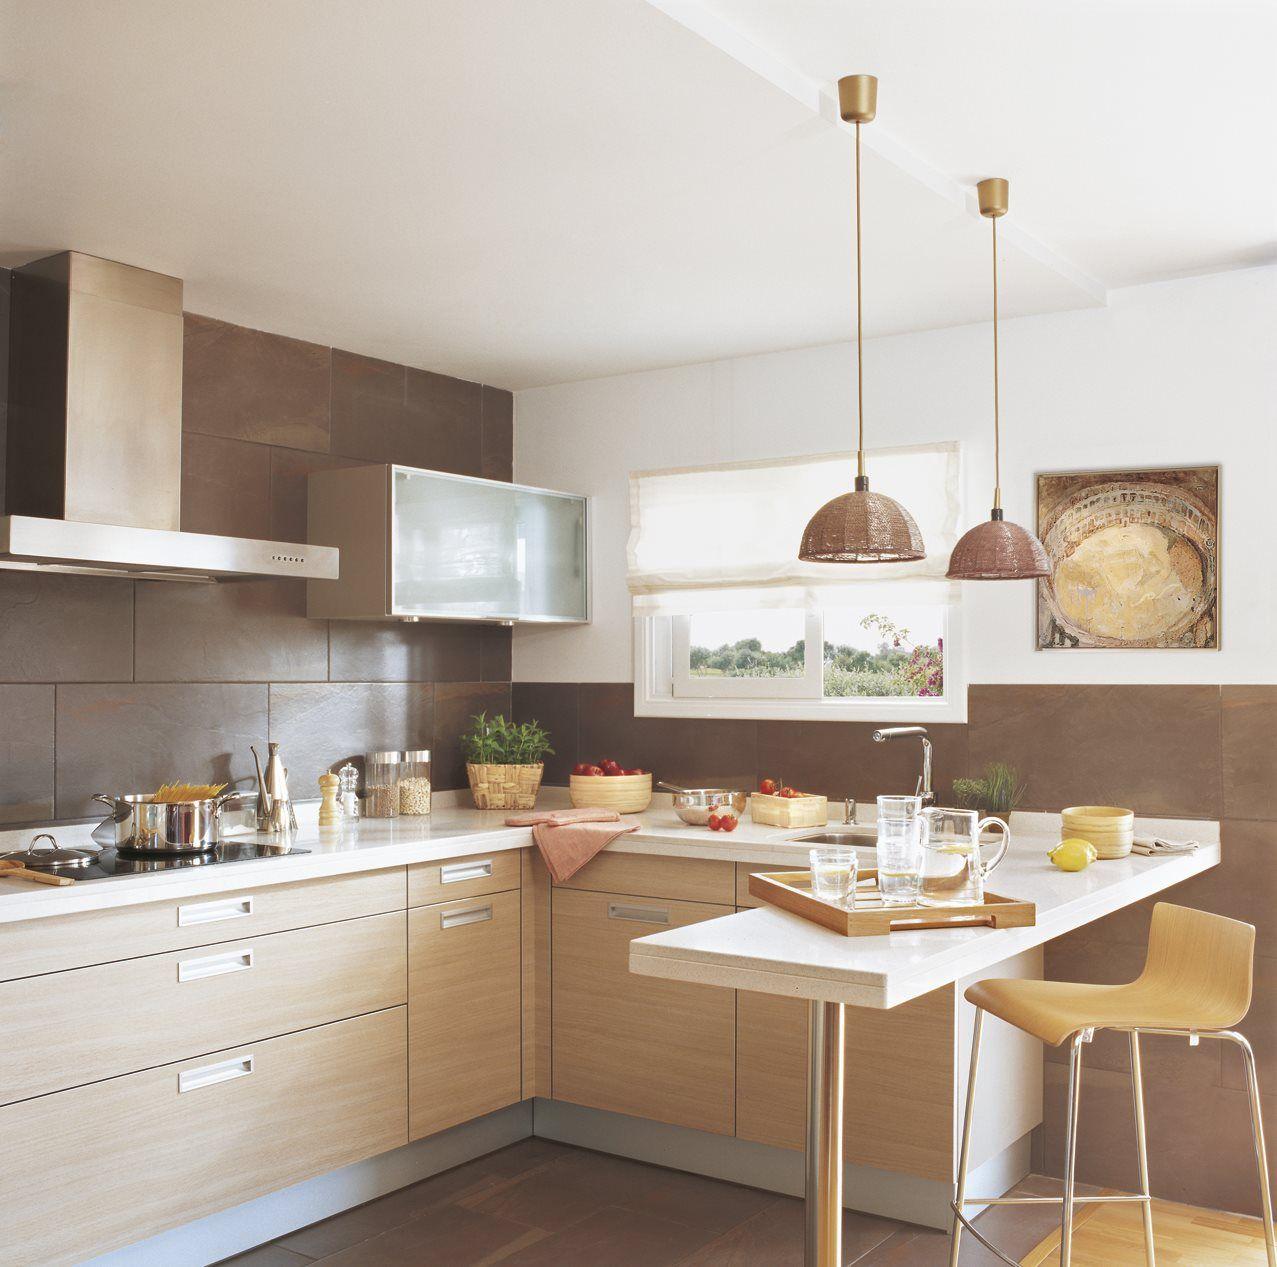 15 cocinas peque as y muy bonitas cocina peque a for Imagenes de cocinas bonitas